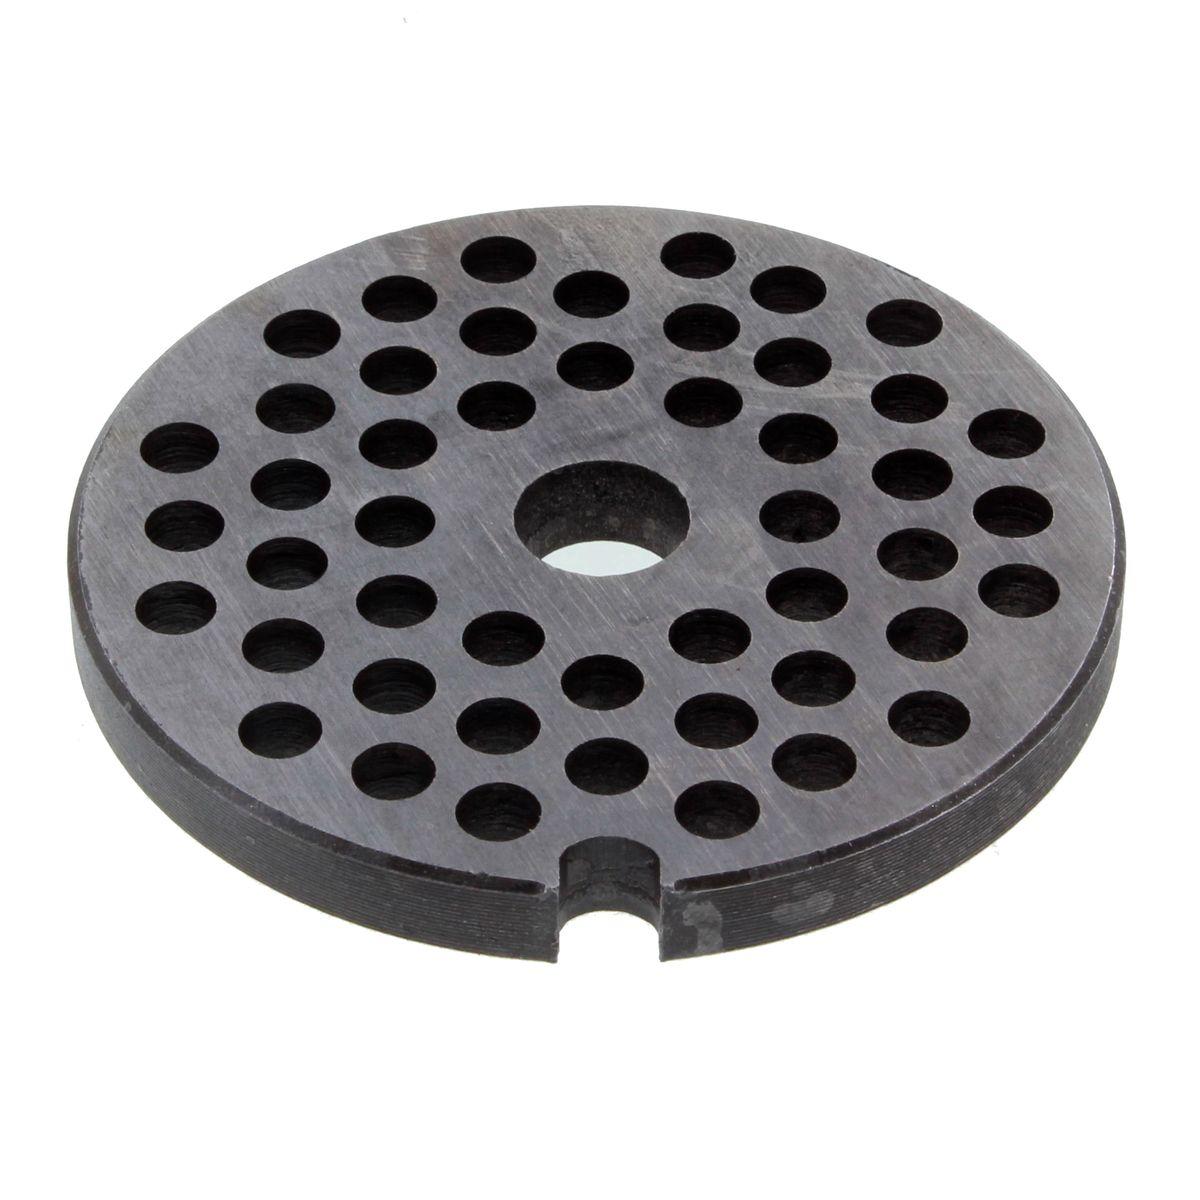 Accessoire grille pour hachoir manuel 4.5mm - Chevalier Diffusion